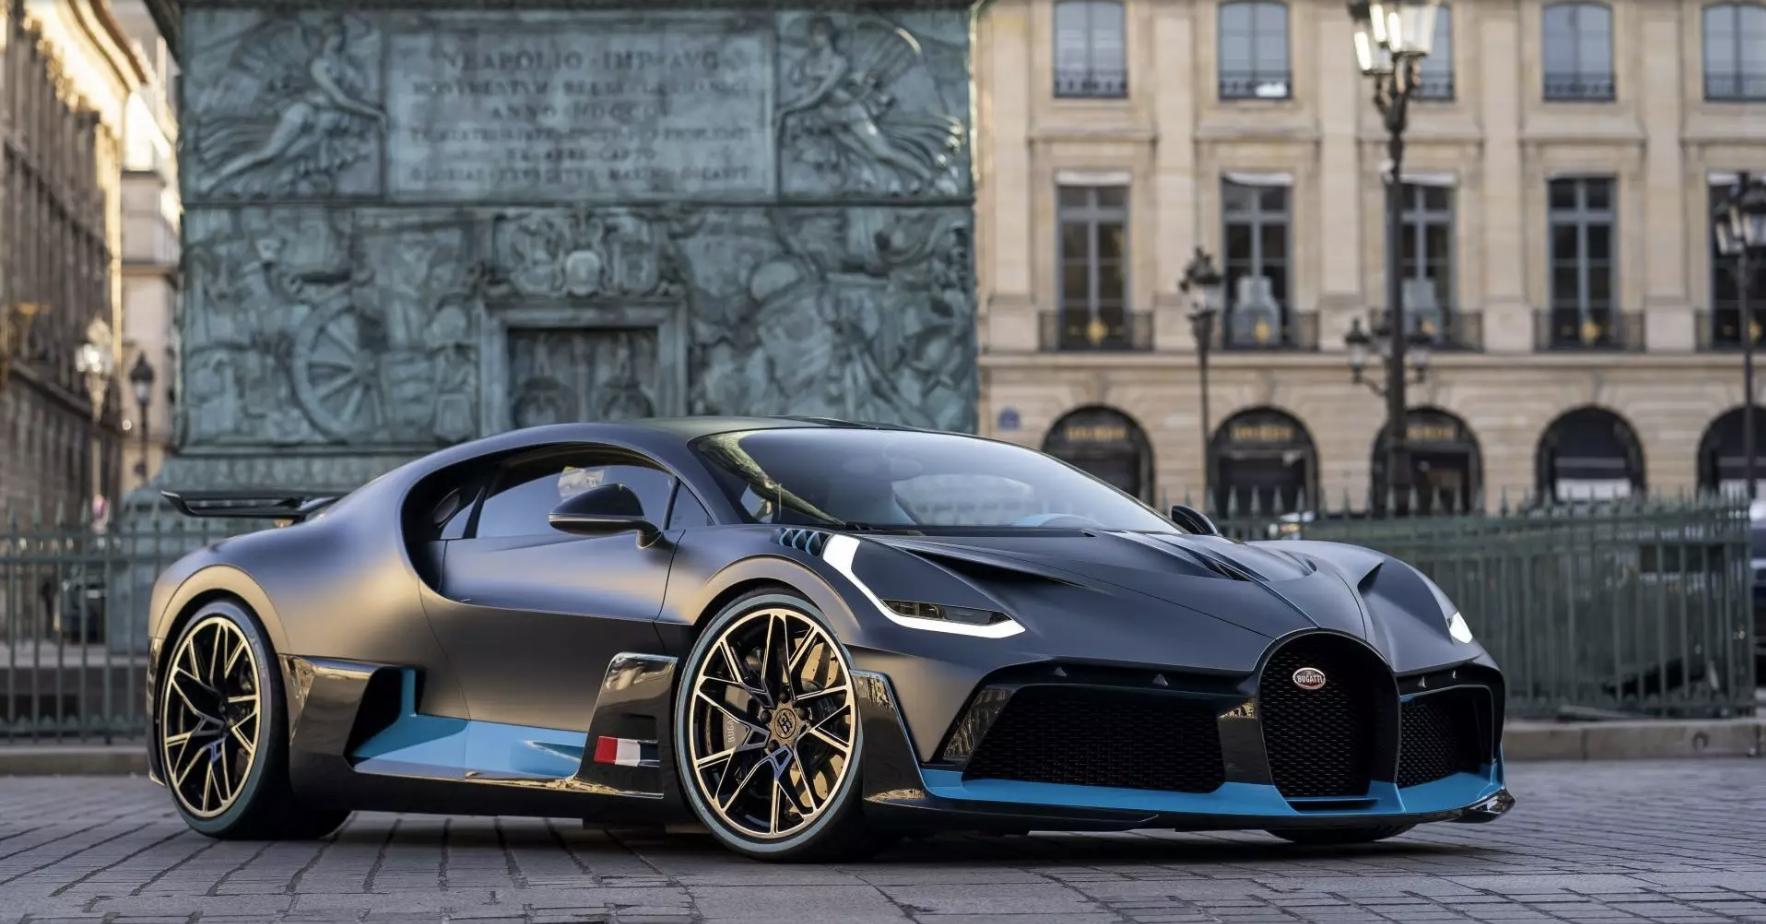 Điều thú vị về các chủ xe Bugatti